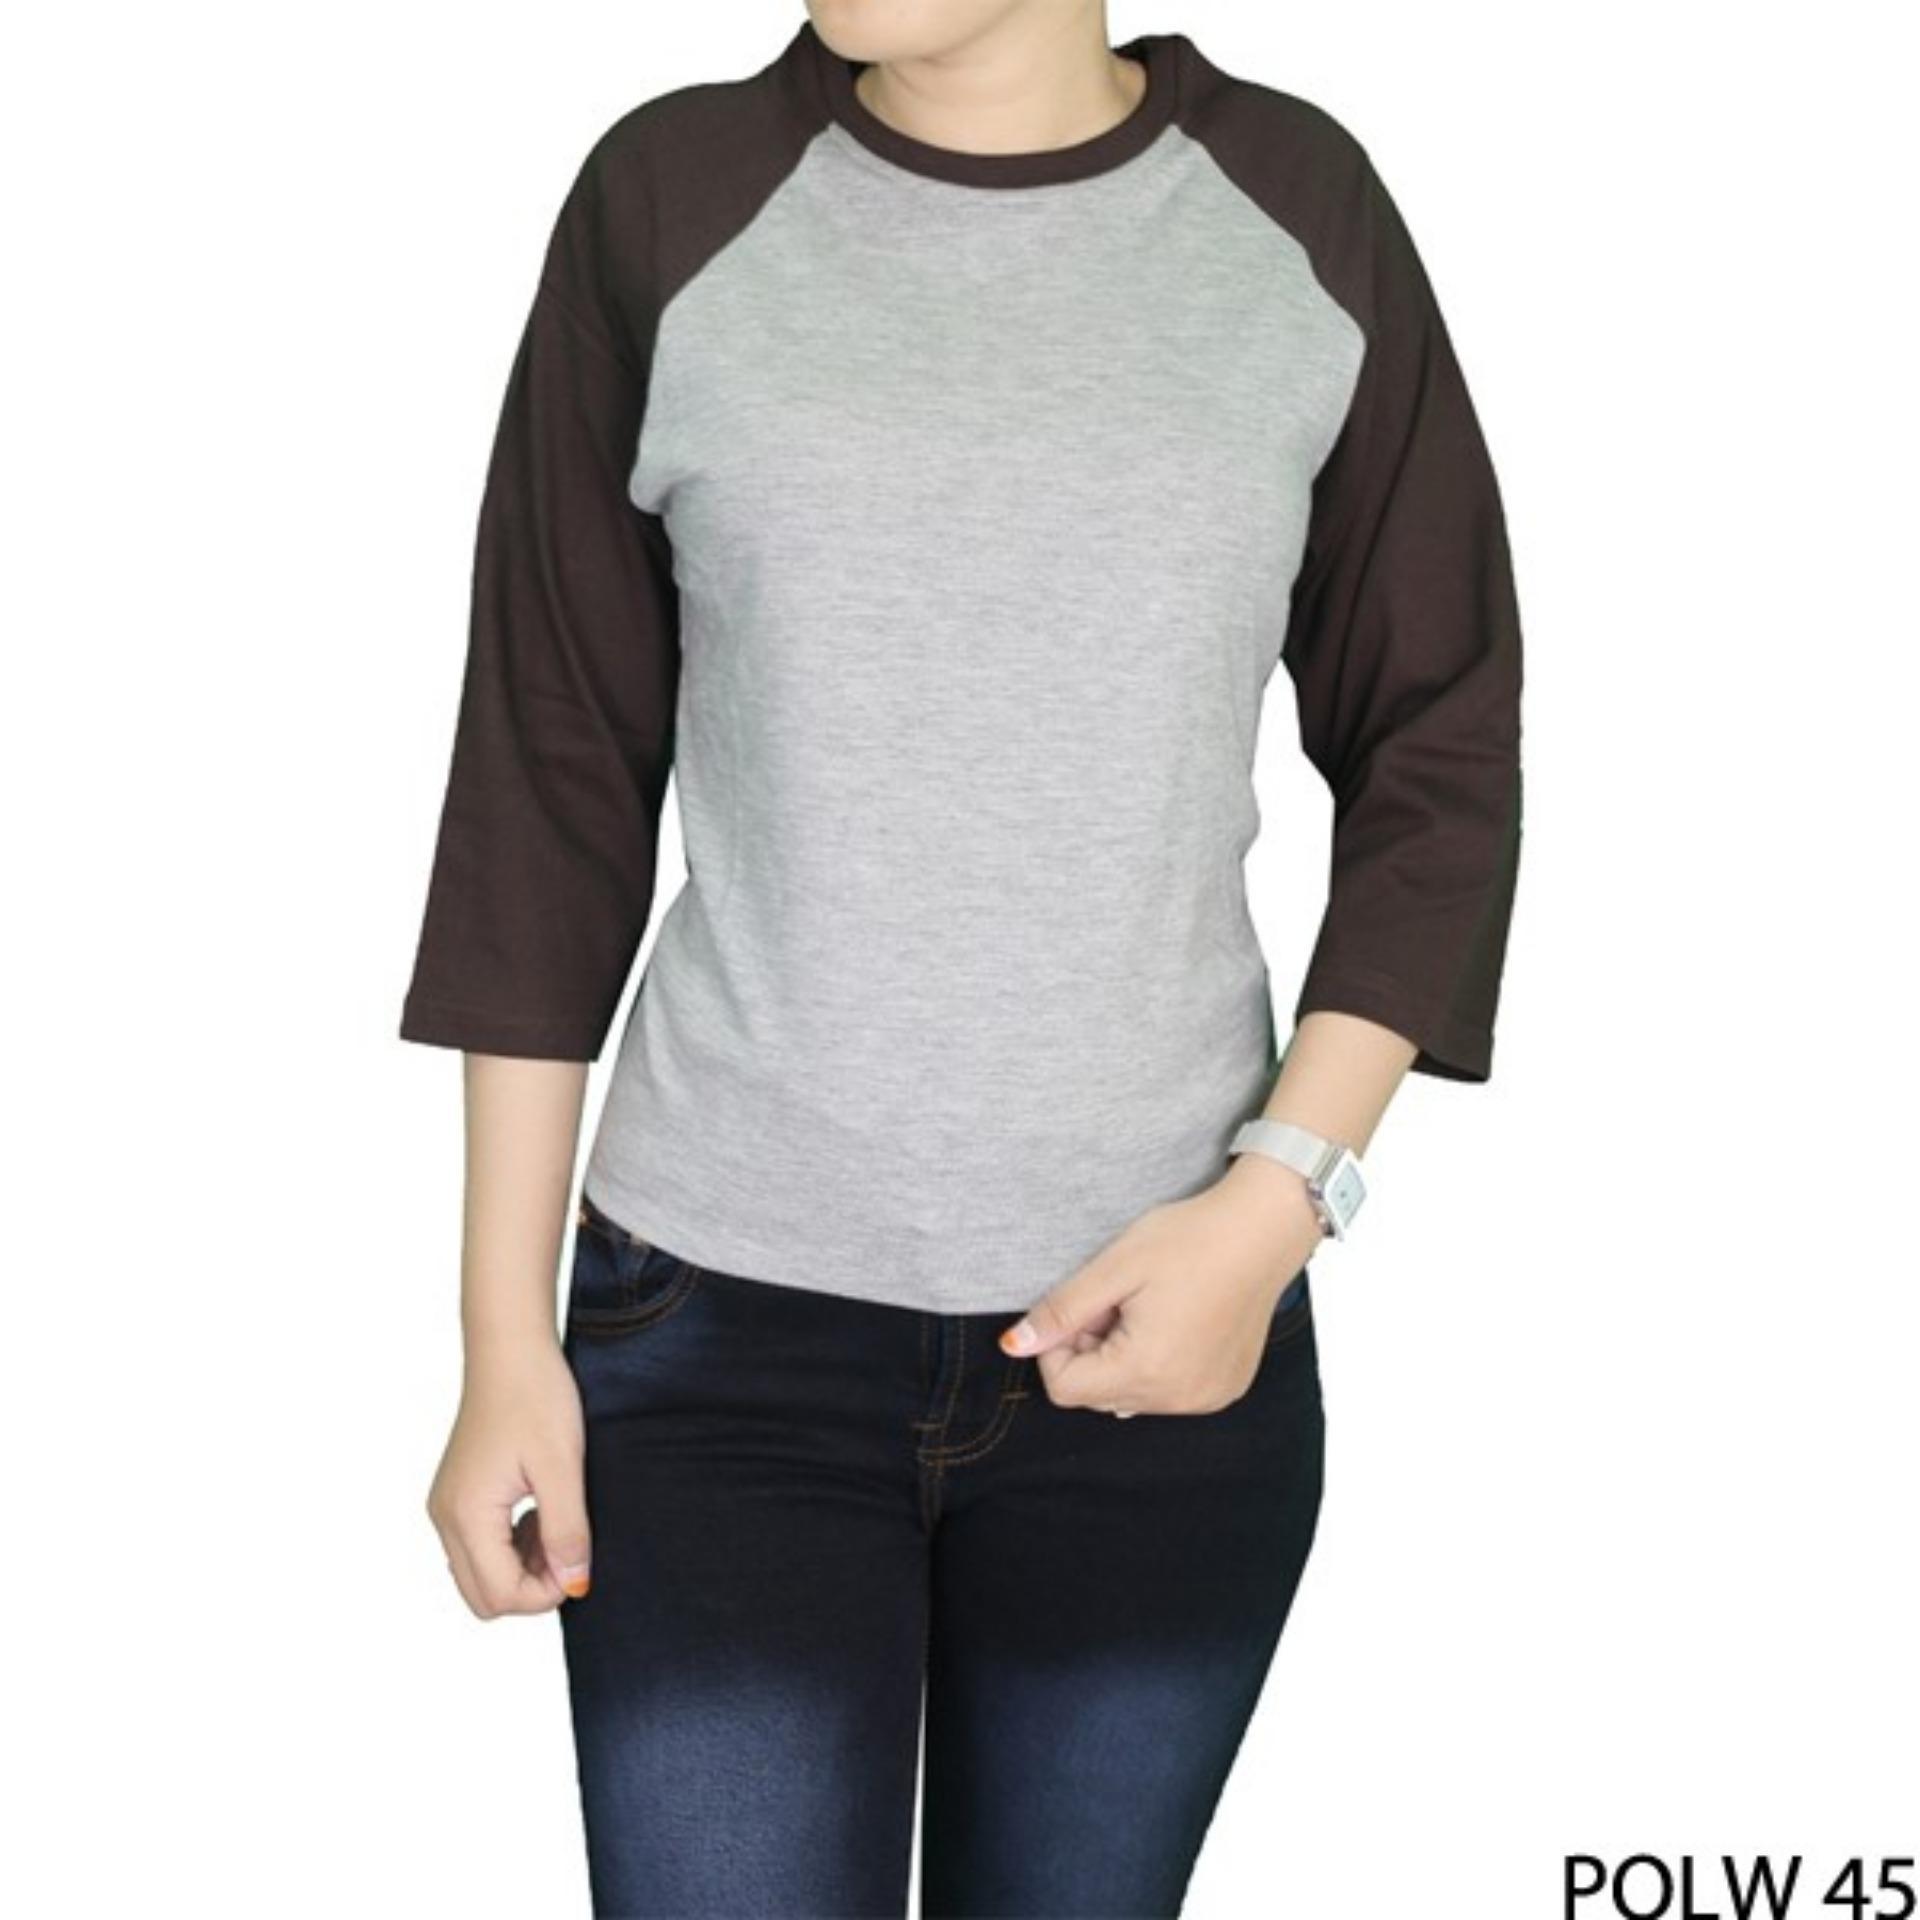 Gudang Fashion - Kaos Polos Wanita Lengan 3/4 - Aneka Pilihan Warna